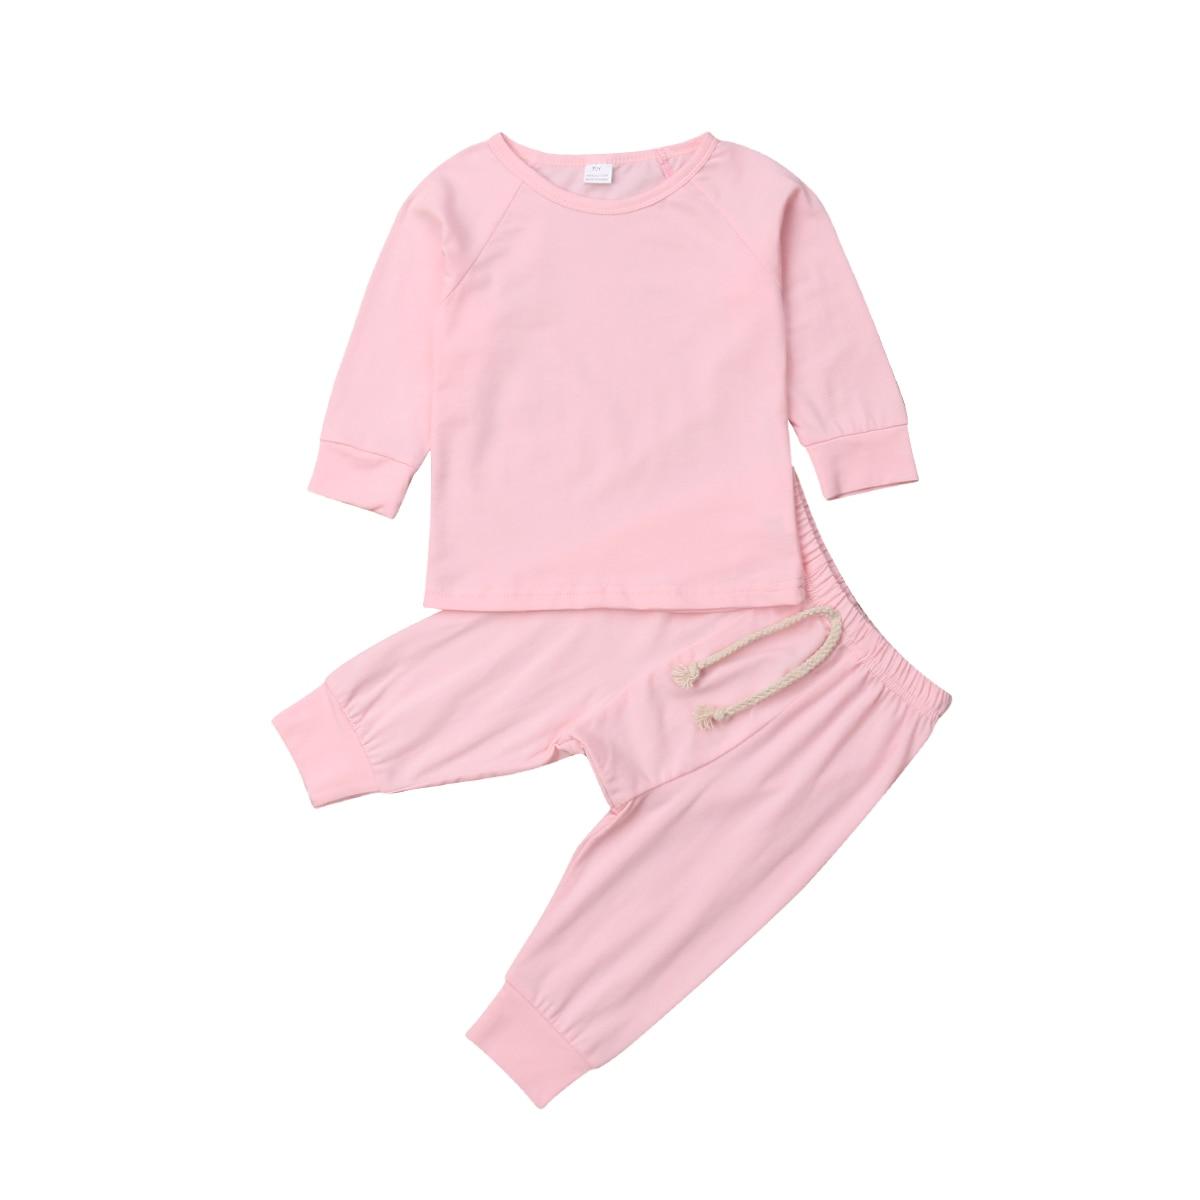 Хлопковый пижамный комплект с длинными рукавами для новорожденных мальчиков и девочек от 0 до 24 месяцев, одежда для сна, одежда для сна, топы и штаны, комплекты одежды для малышей из 2 предметов - Цвет: Розовый